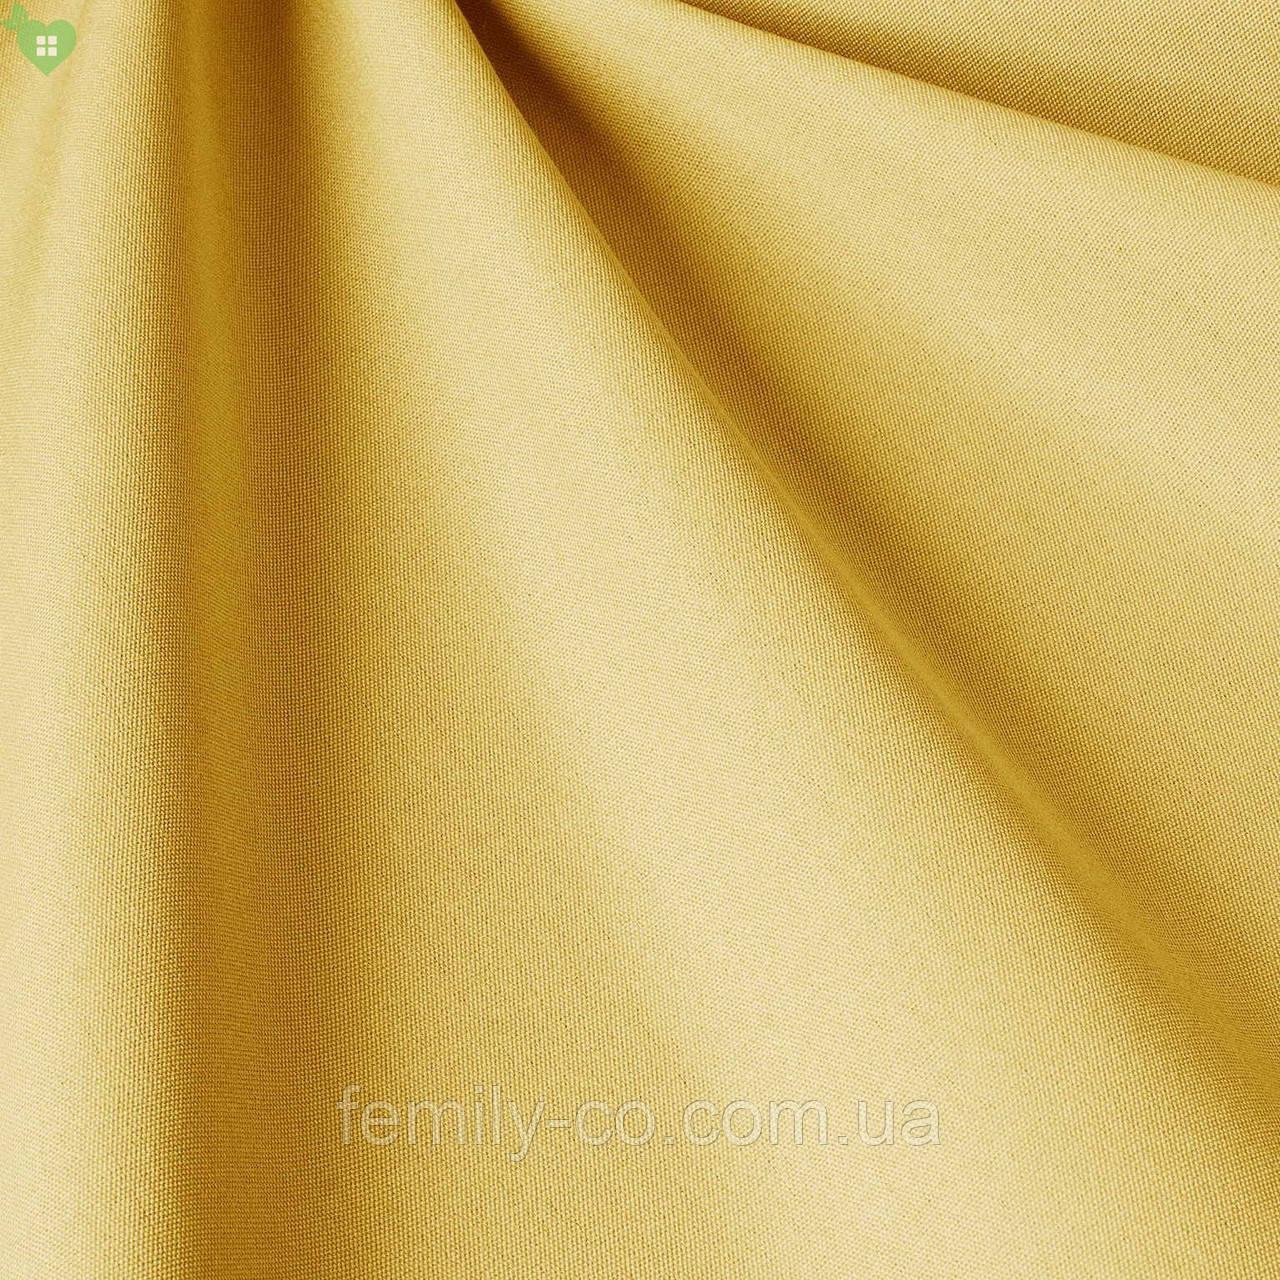 Однотонная уличная ткань светло-желтого цвета Испания 83380v8